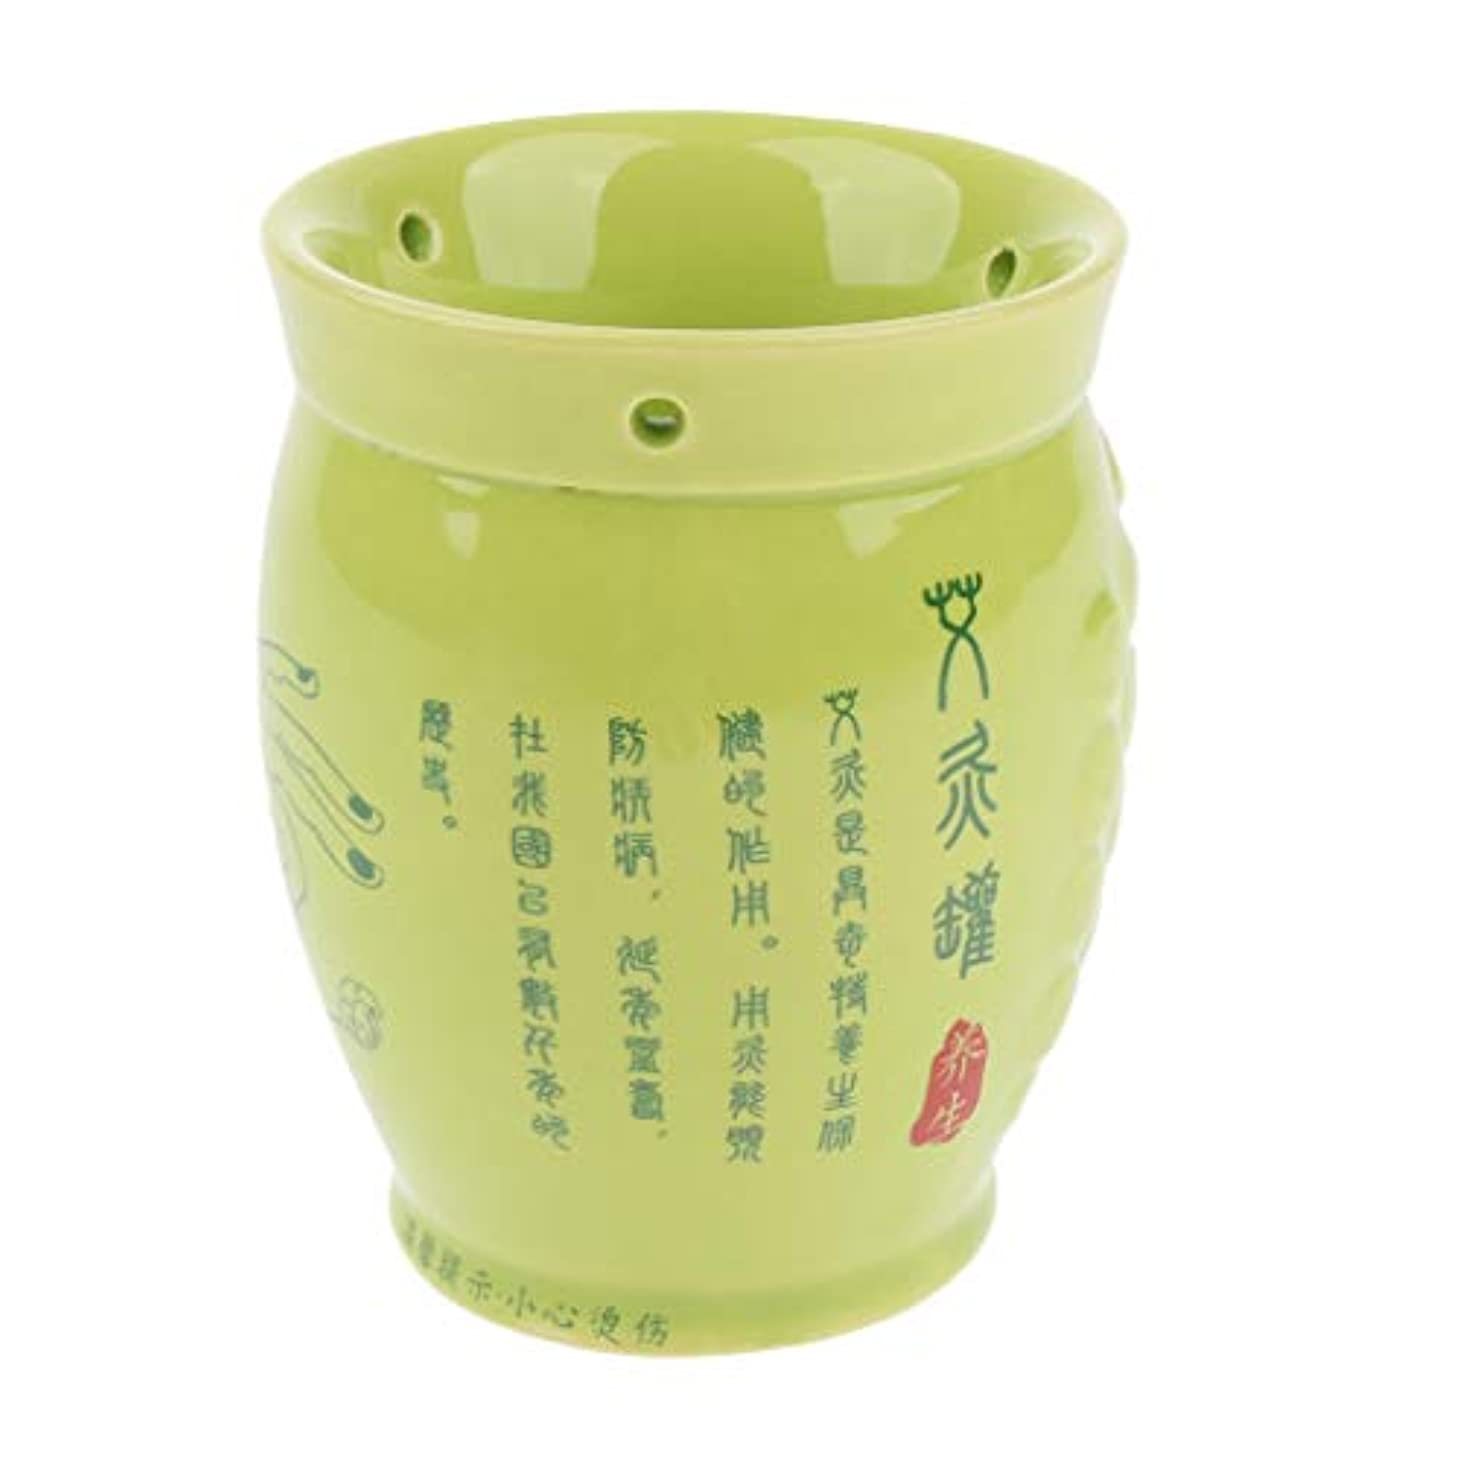 アスペクト教義好意中国式カッピングカップ 缶 ポット マッサージ お灸 セラミック製